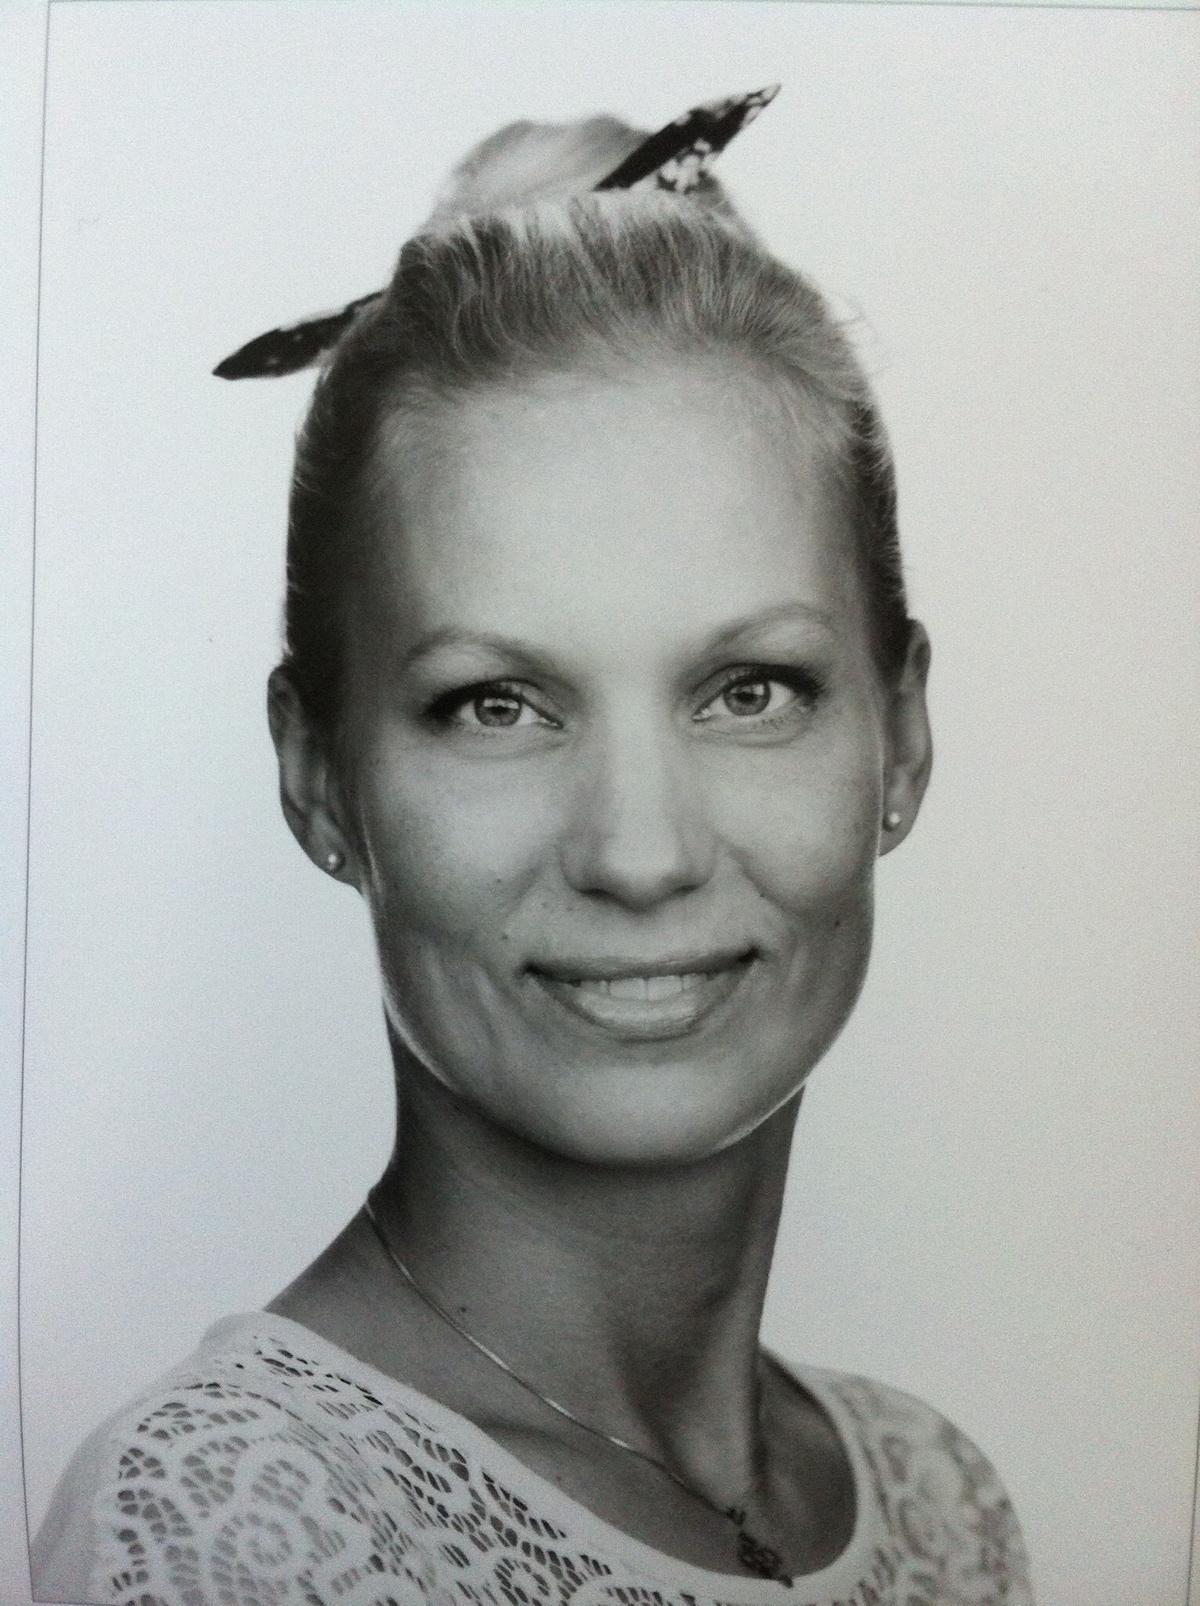 Karen From Copenhagen, Denmark